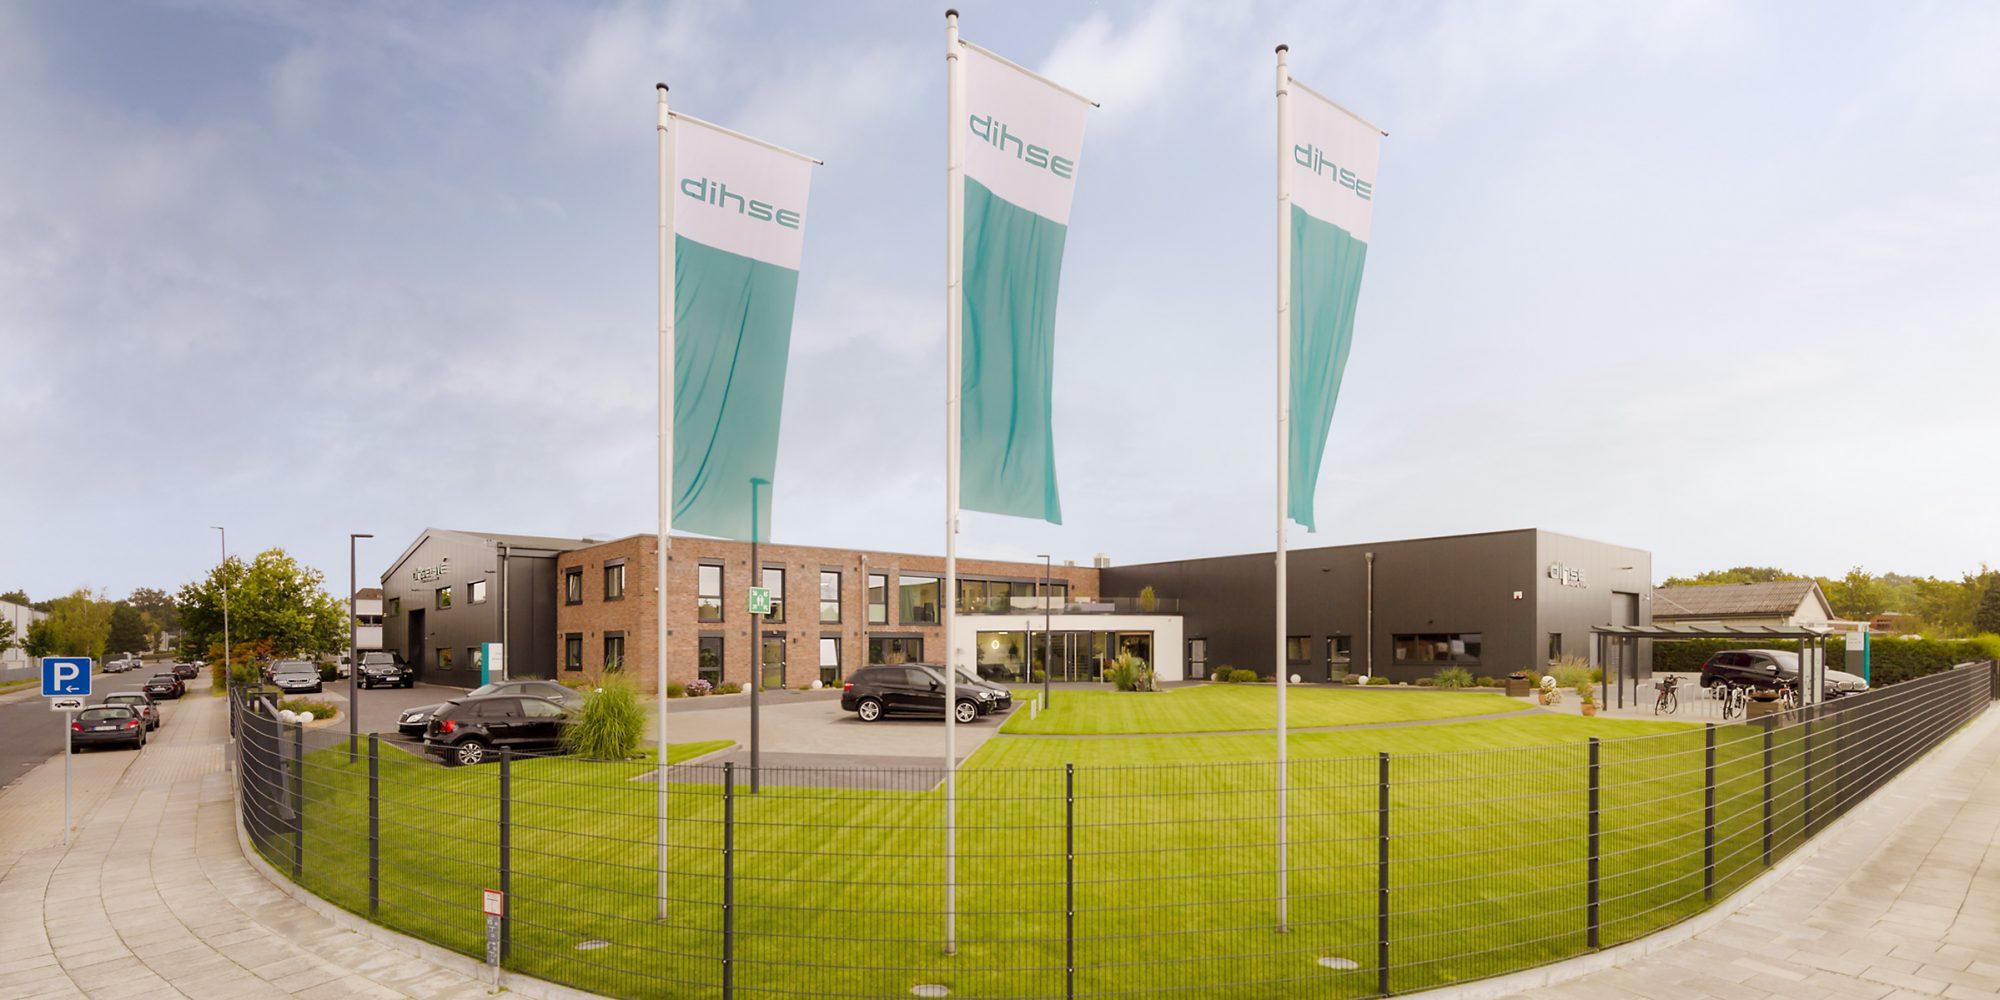 Dieses Architekturfoto zeigt die Aussenansicht eines Industrieunternehmens in Quickborn.